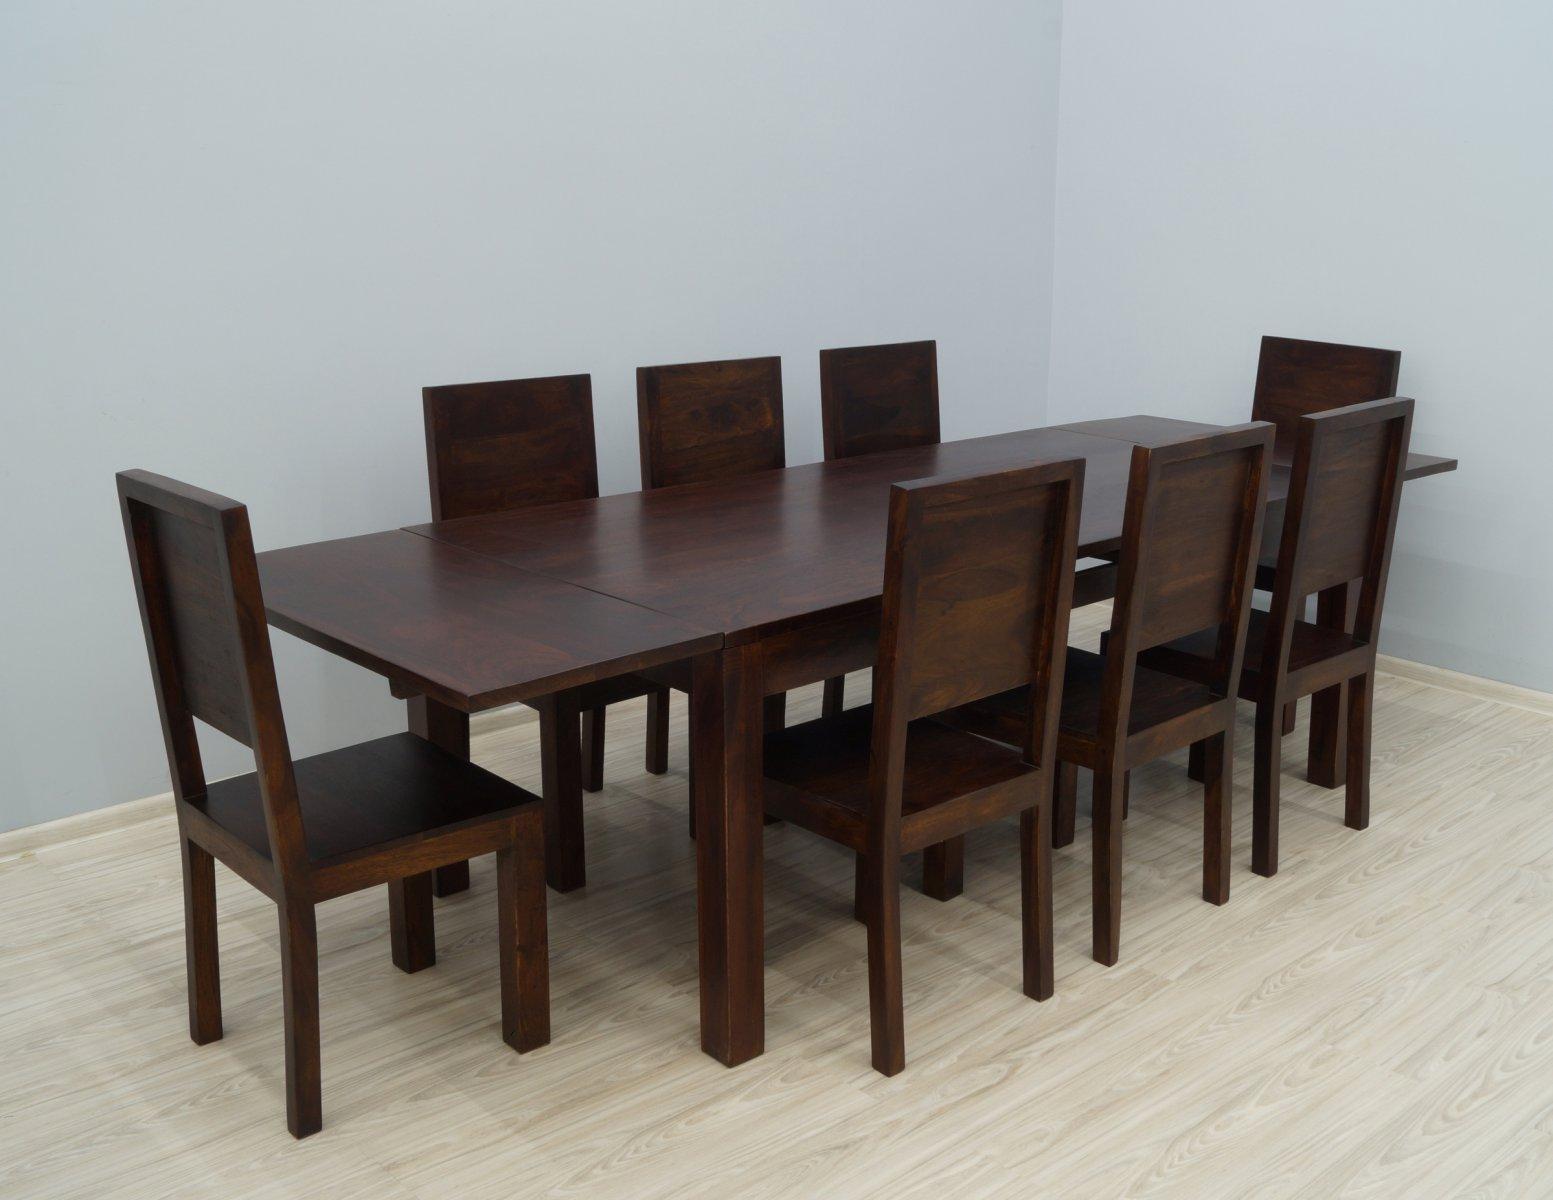 Komplet obiadowy kolonialny stół rozkładany + 8 krzeseł z litego drewna palisandru ciemny brąz nowoczesny